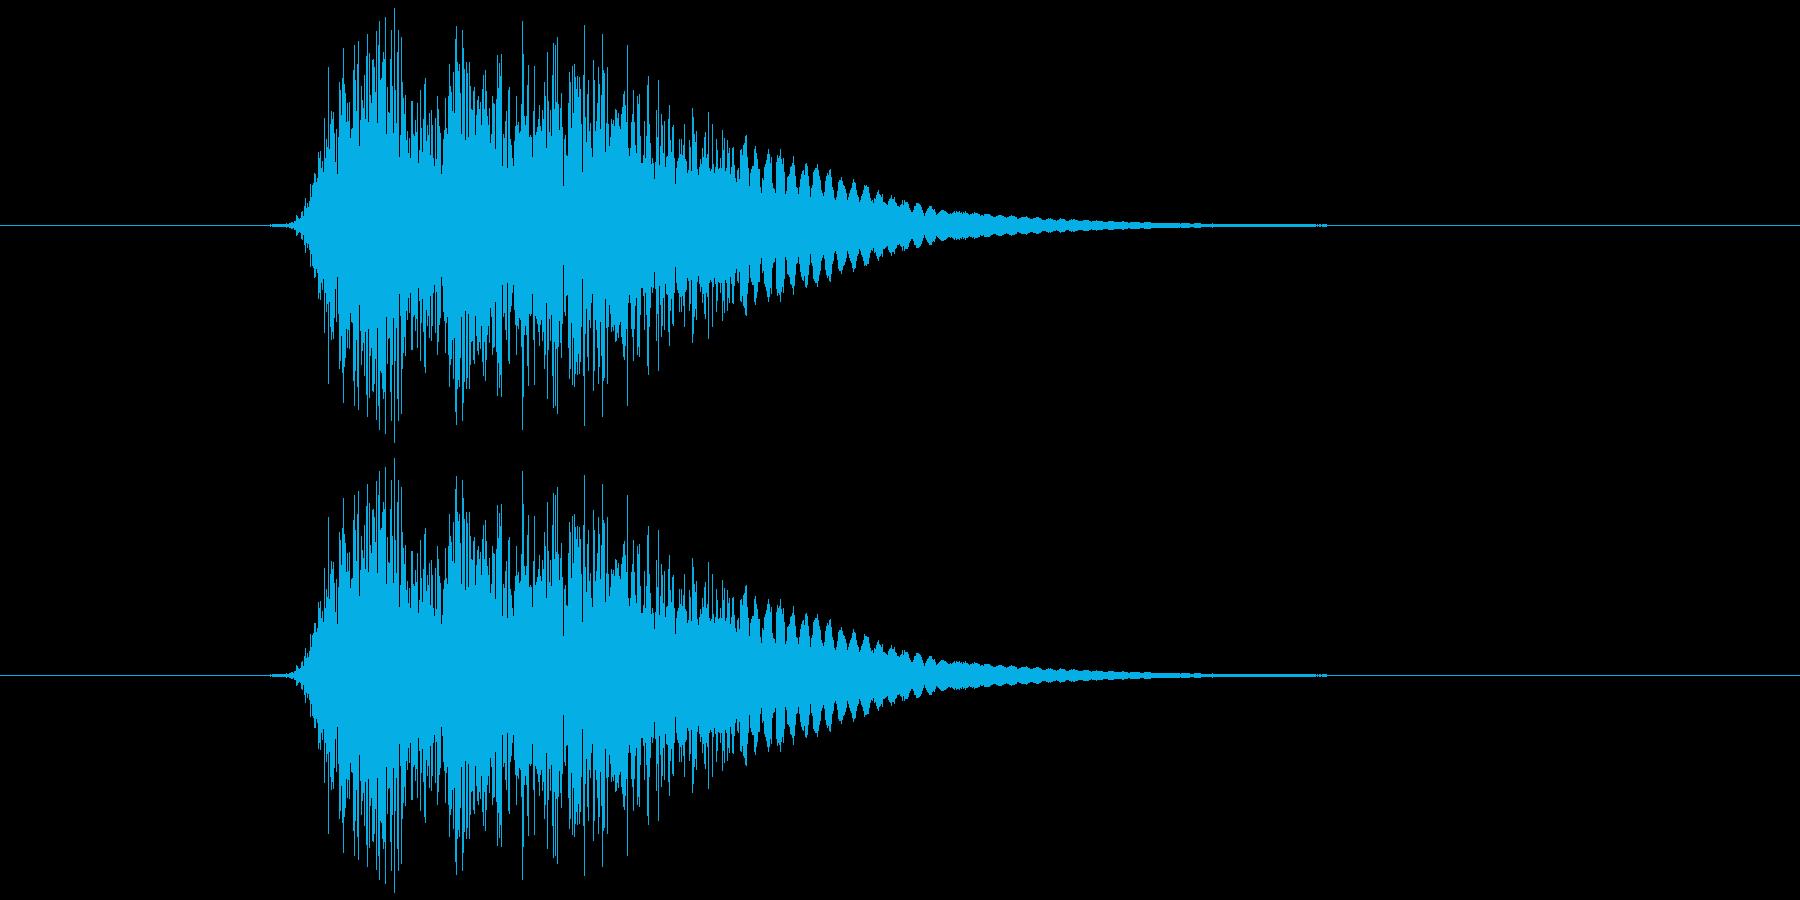 ザシュッ!(斬る音)の再生済みの波形